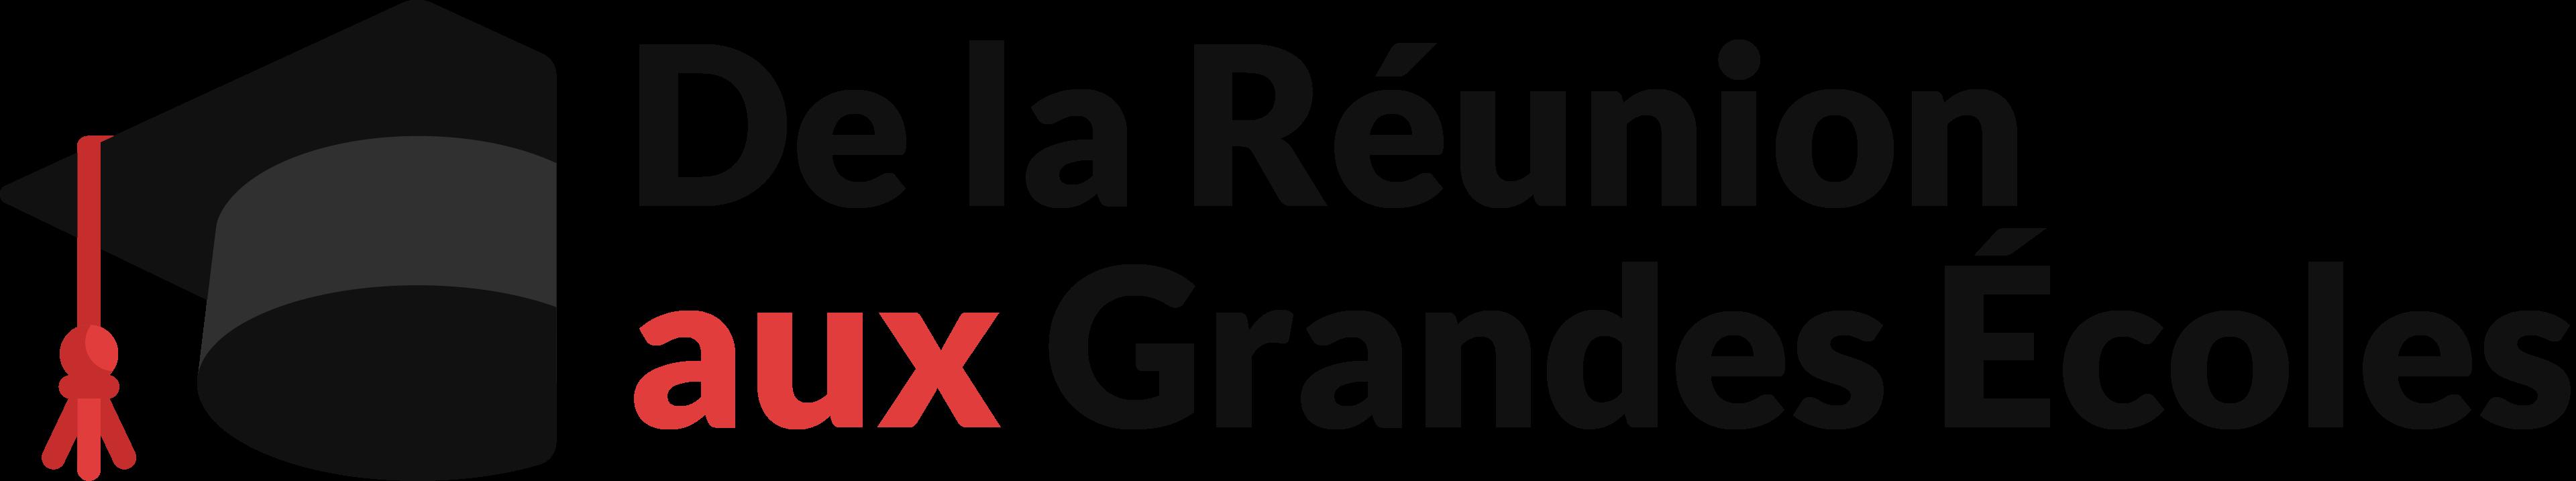 De La Réunion Aux Grandes Ecoles